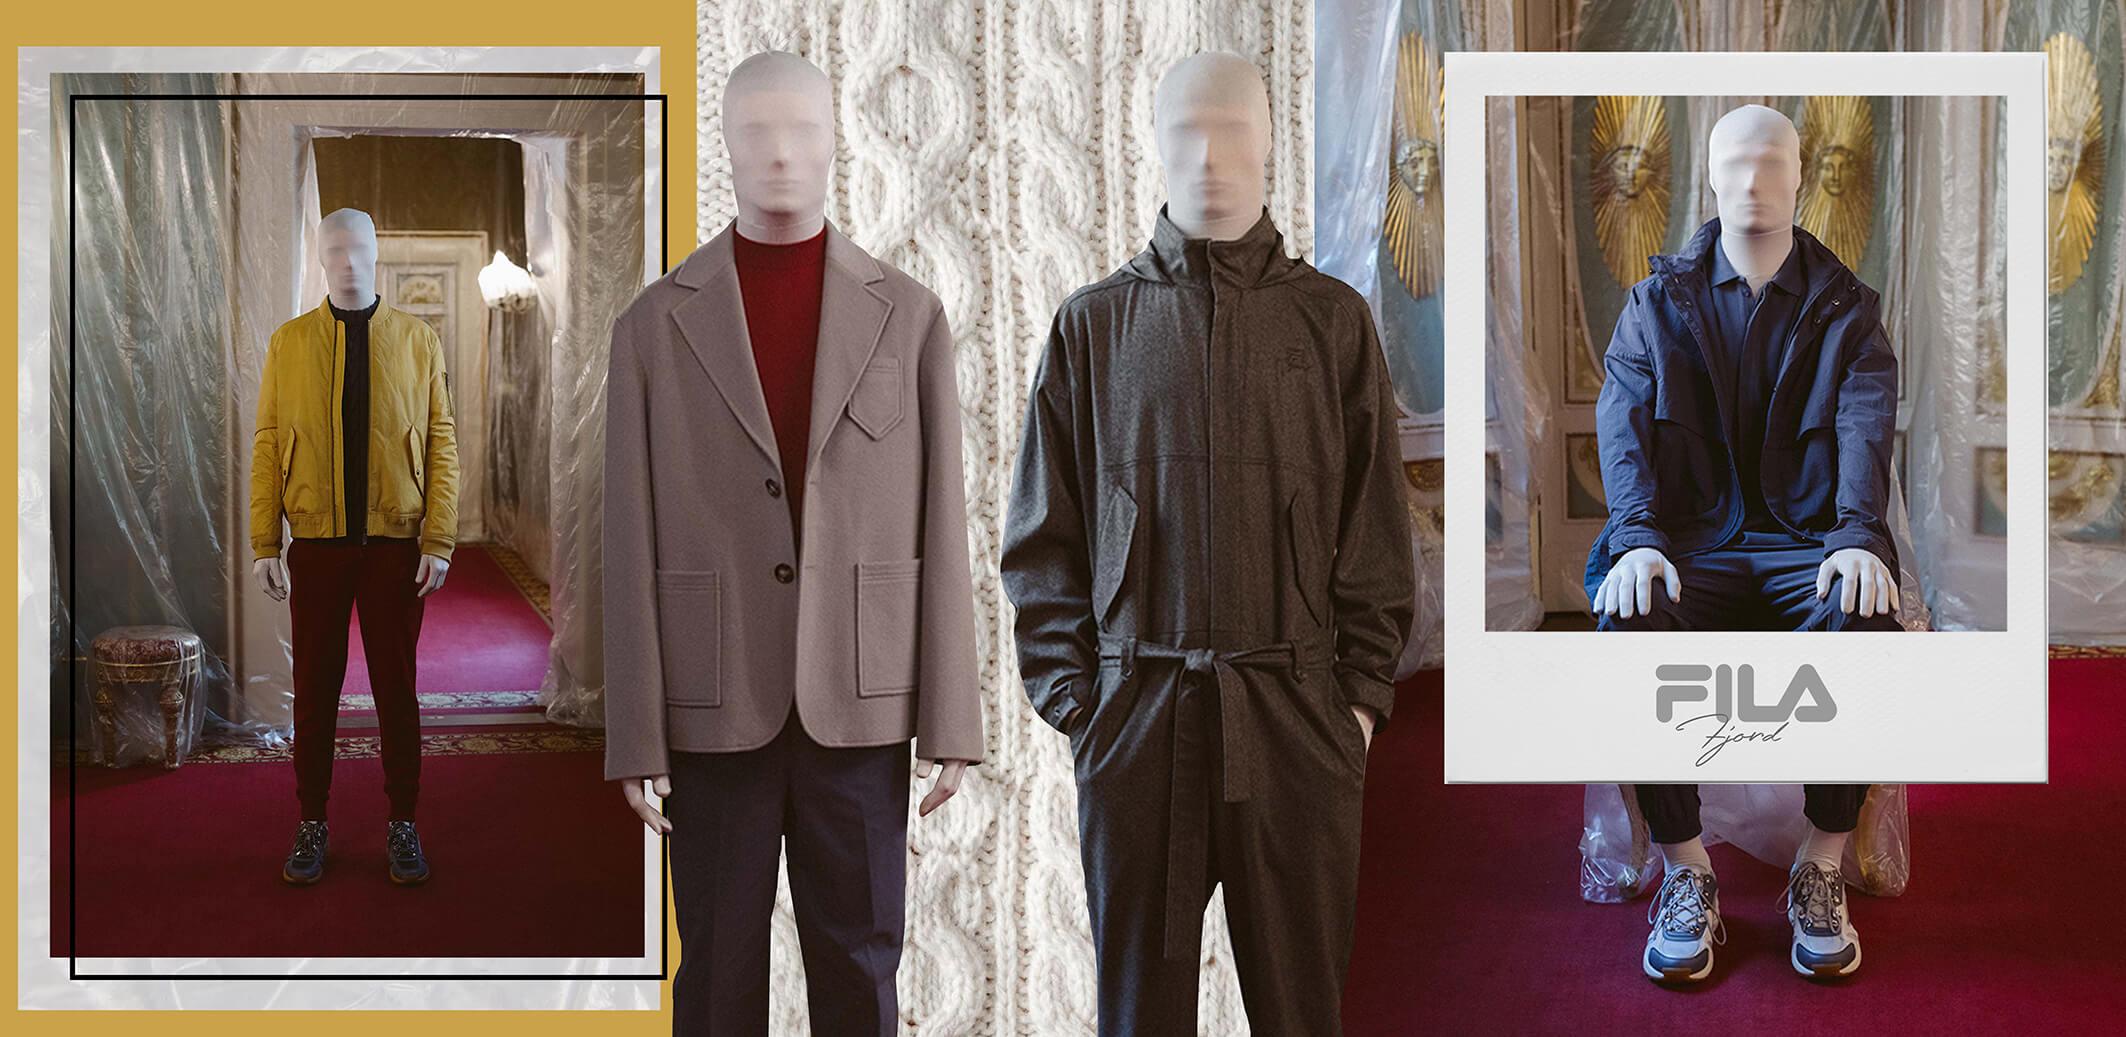 Fila Breid Uit: Fila Fjord is de Sub-Lijn voor Grown-Up Streetwear Lovers